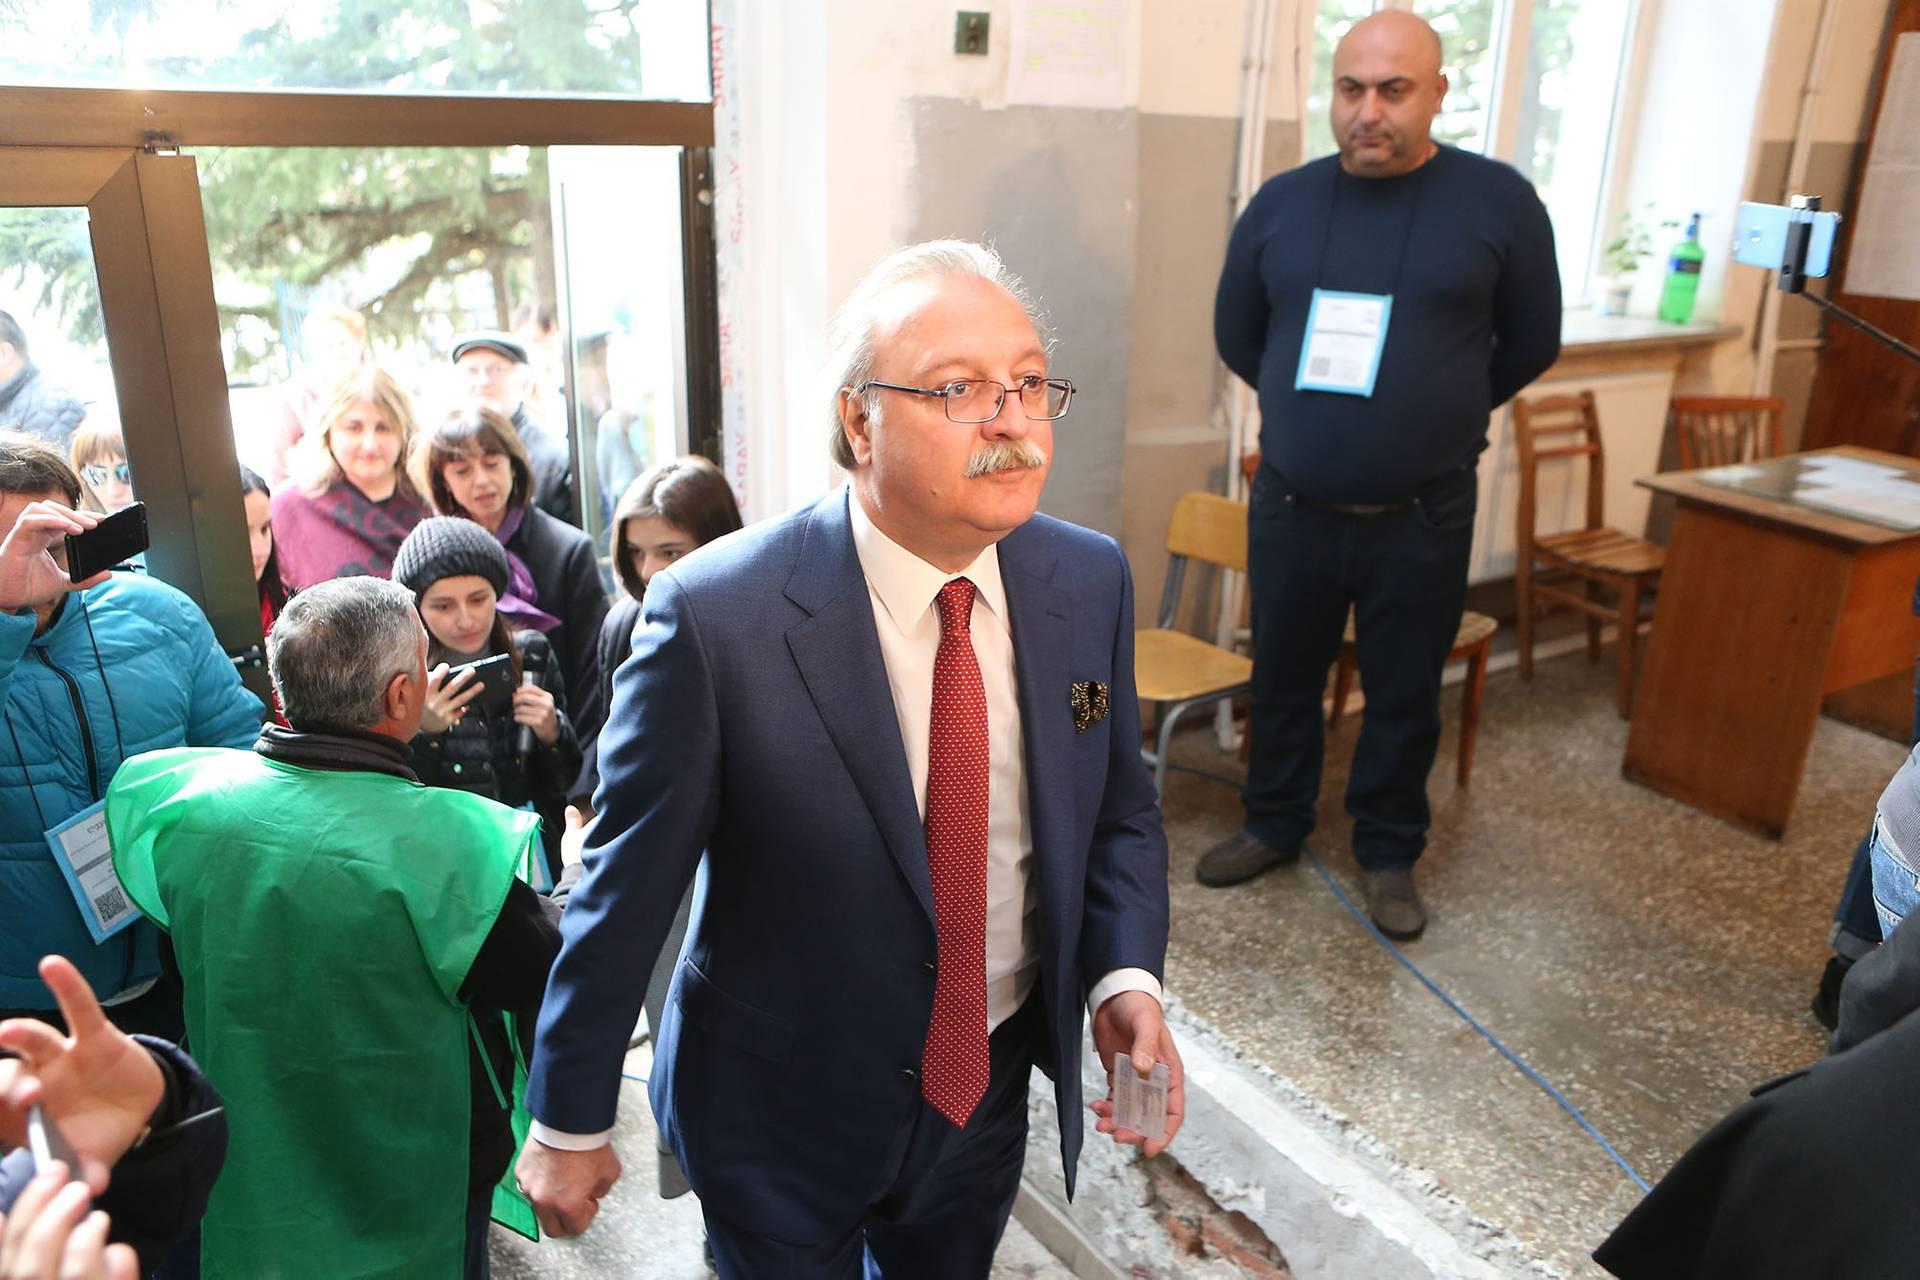 Опозиційний кандидат Грігол Вашадзе на виборчій дільниці в Кутаїсі, Грузія, 28 листопада 2018 року. У Грузії відбувся другий тур президентських виборів